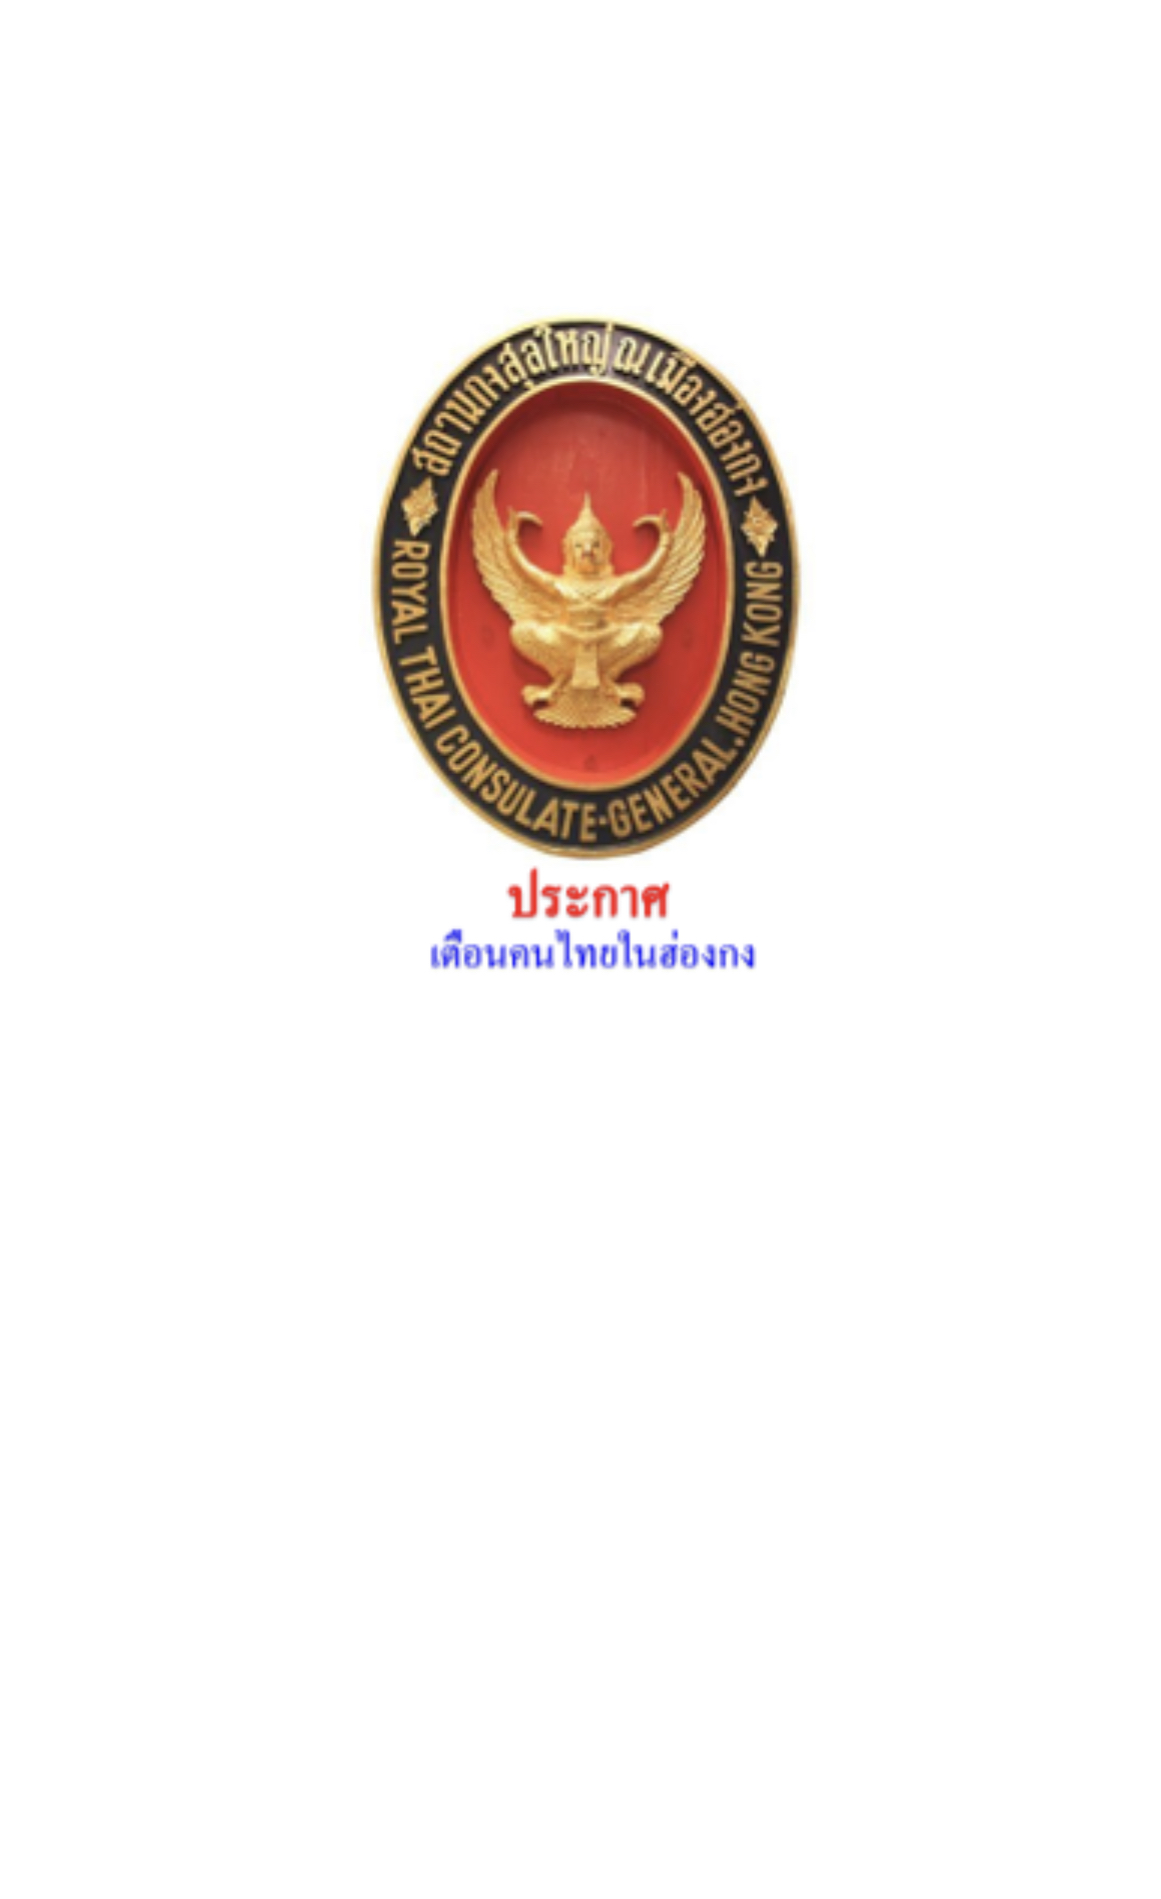 กงสุลไทย แจ้งเตือนคนไทยในฮ่องกง